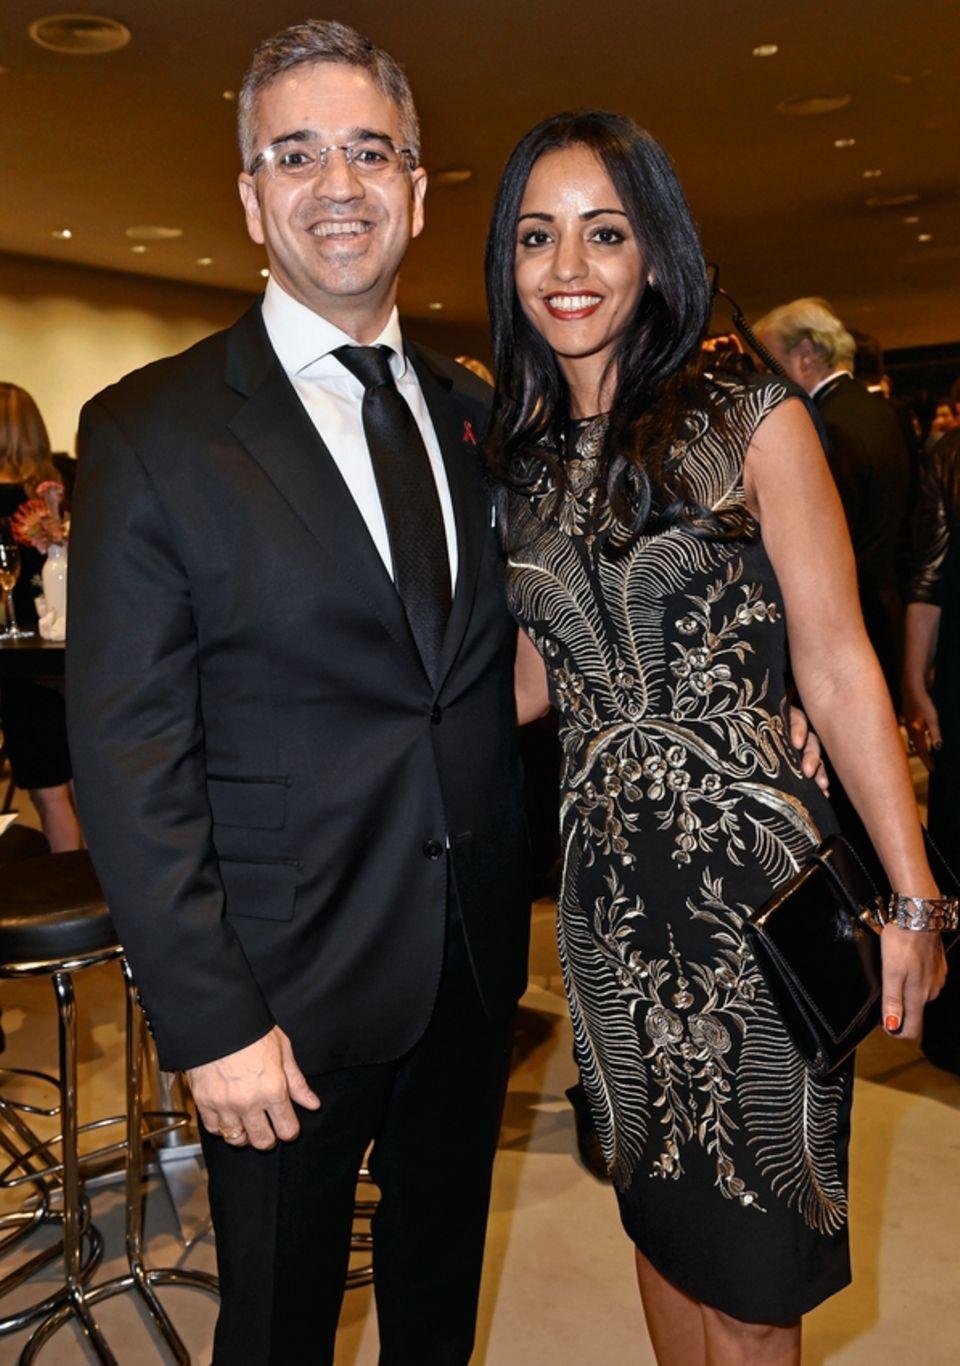 Große Oper: Chebli 2017 mit ihrem Mann Nizar Maarouf bei einer Gala für die Deutsche Aids-Stiftung